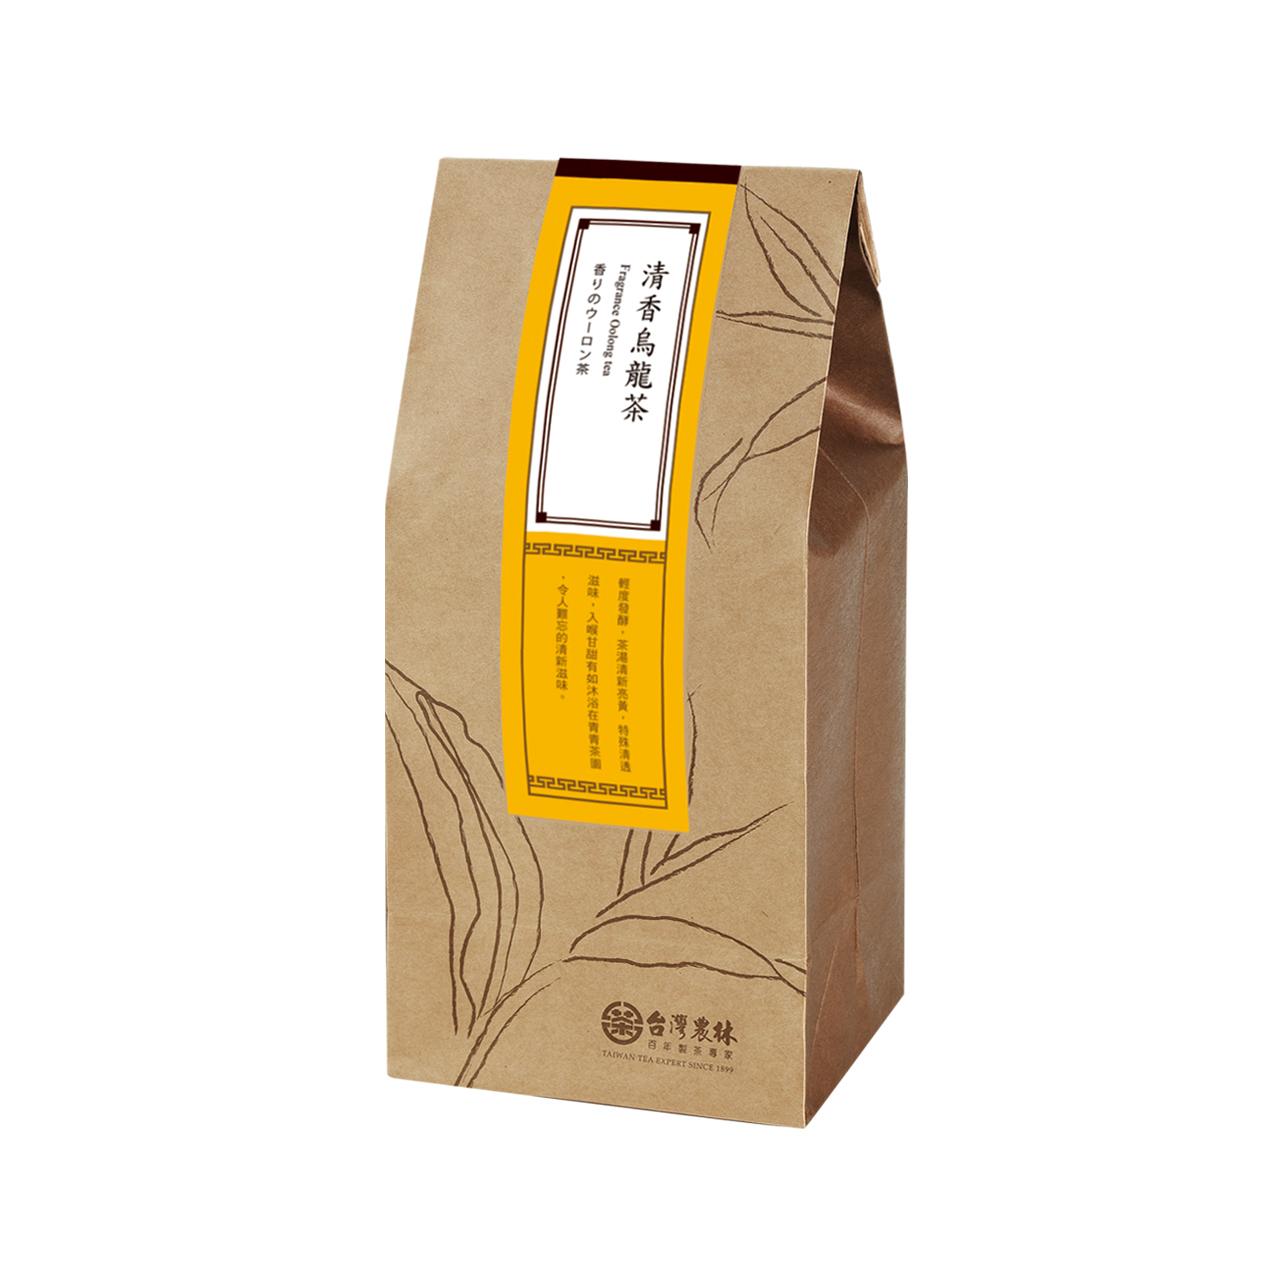 補充包-清香烏龍茶